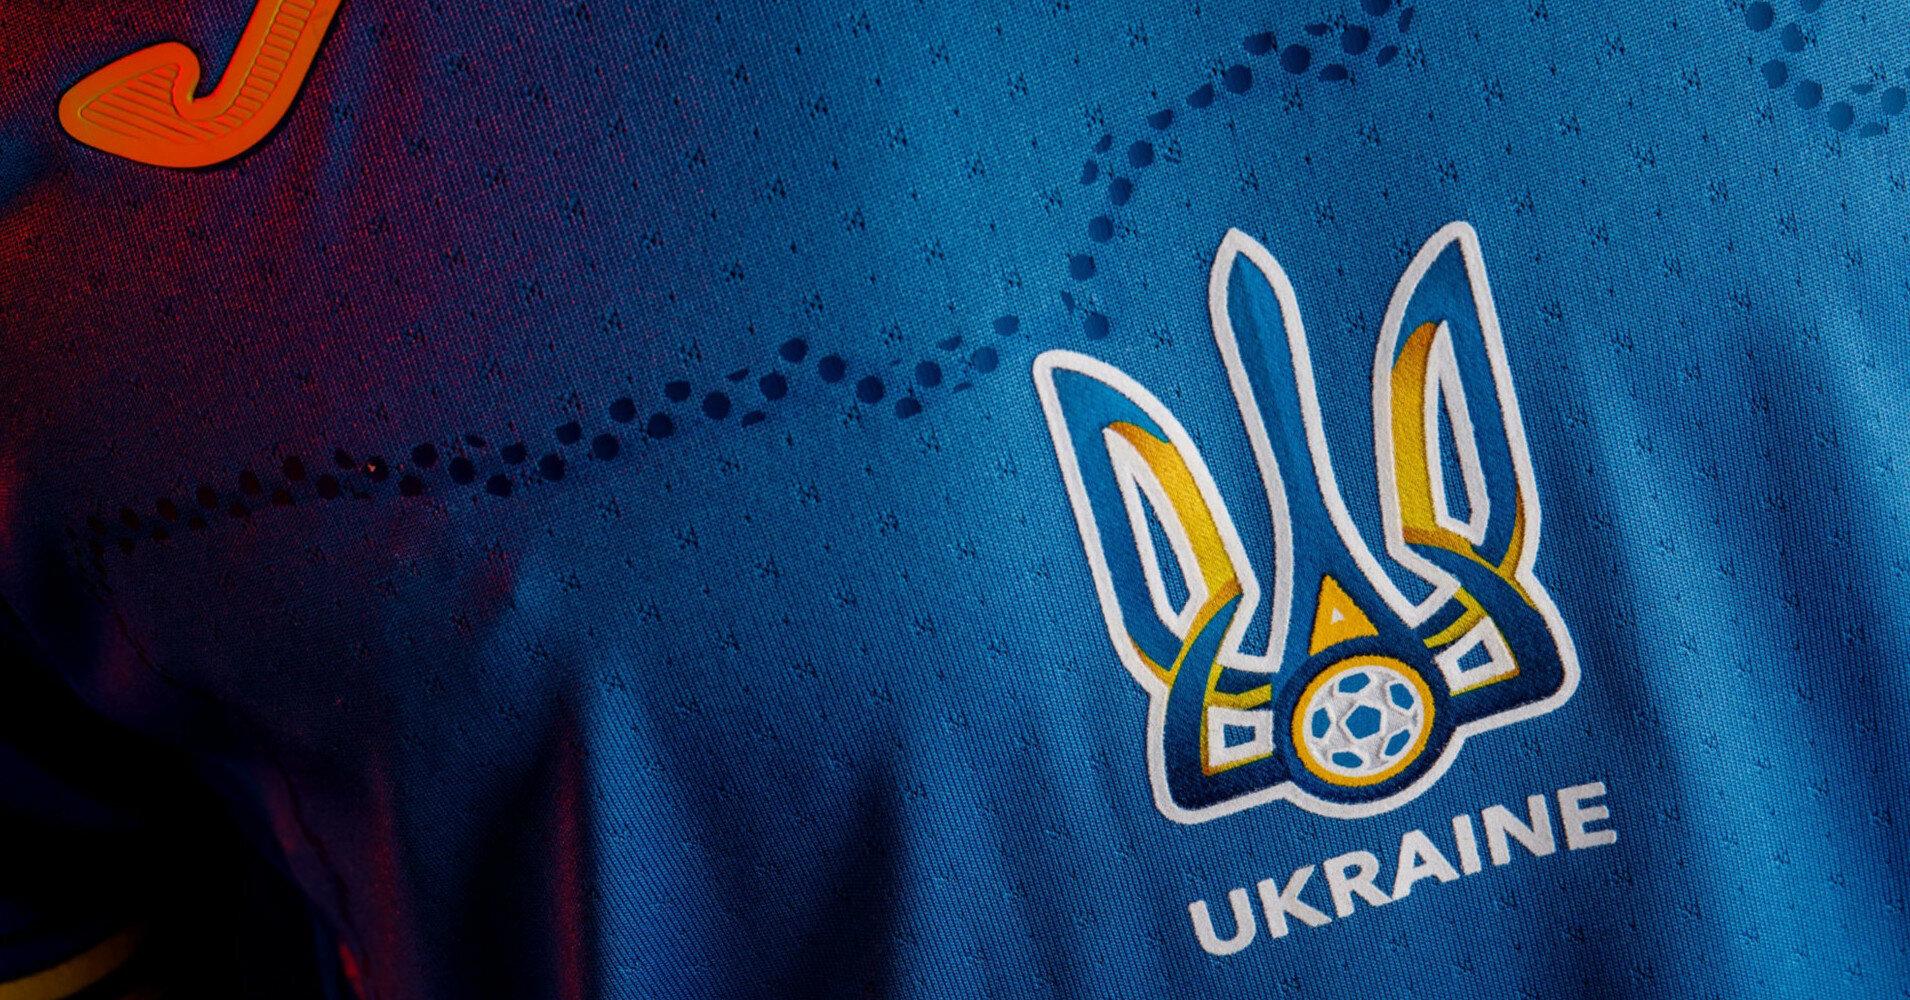 Сборная Украины прилетела в Казахстан и начала подготовку к матчу